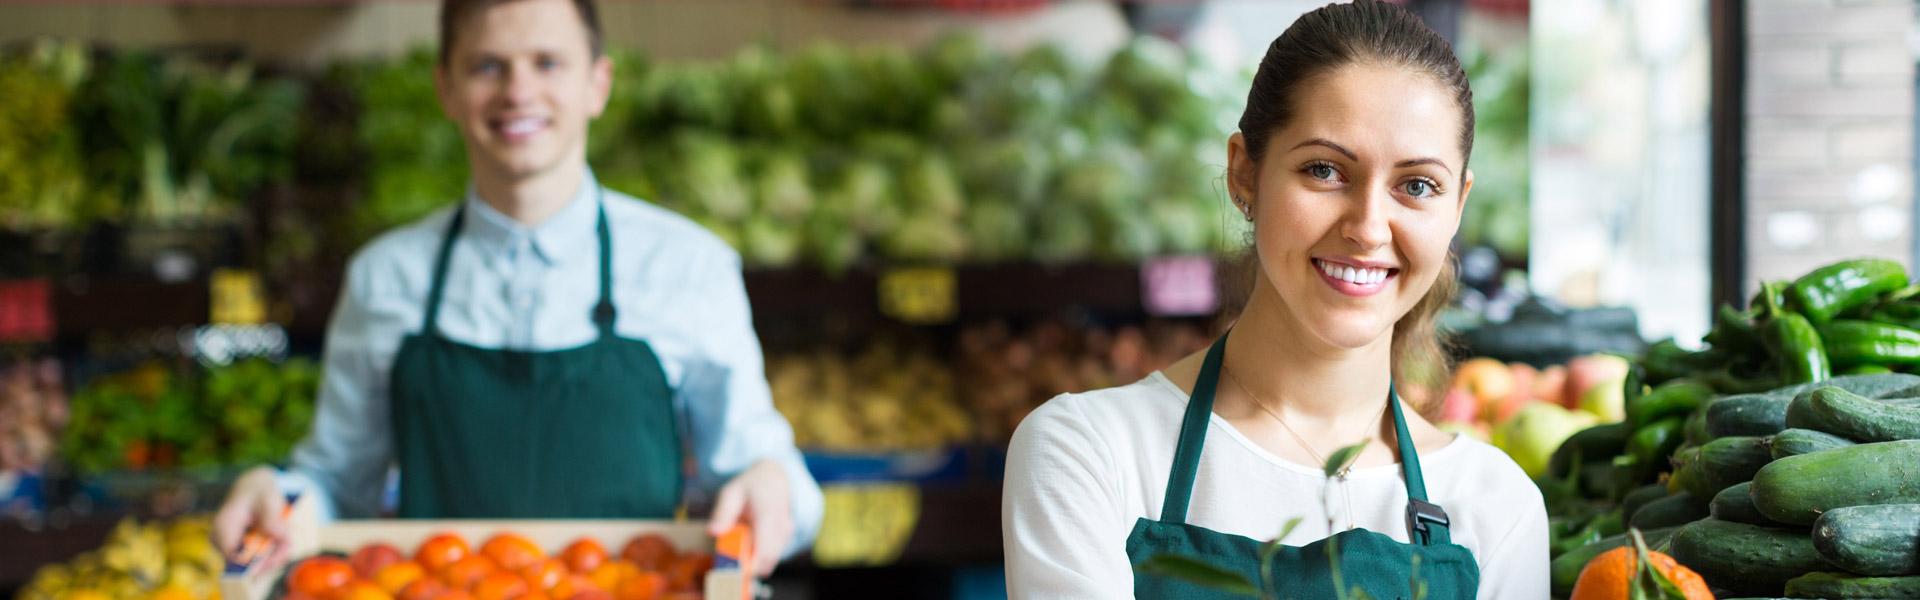 Supermarket workers selling oranges